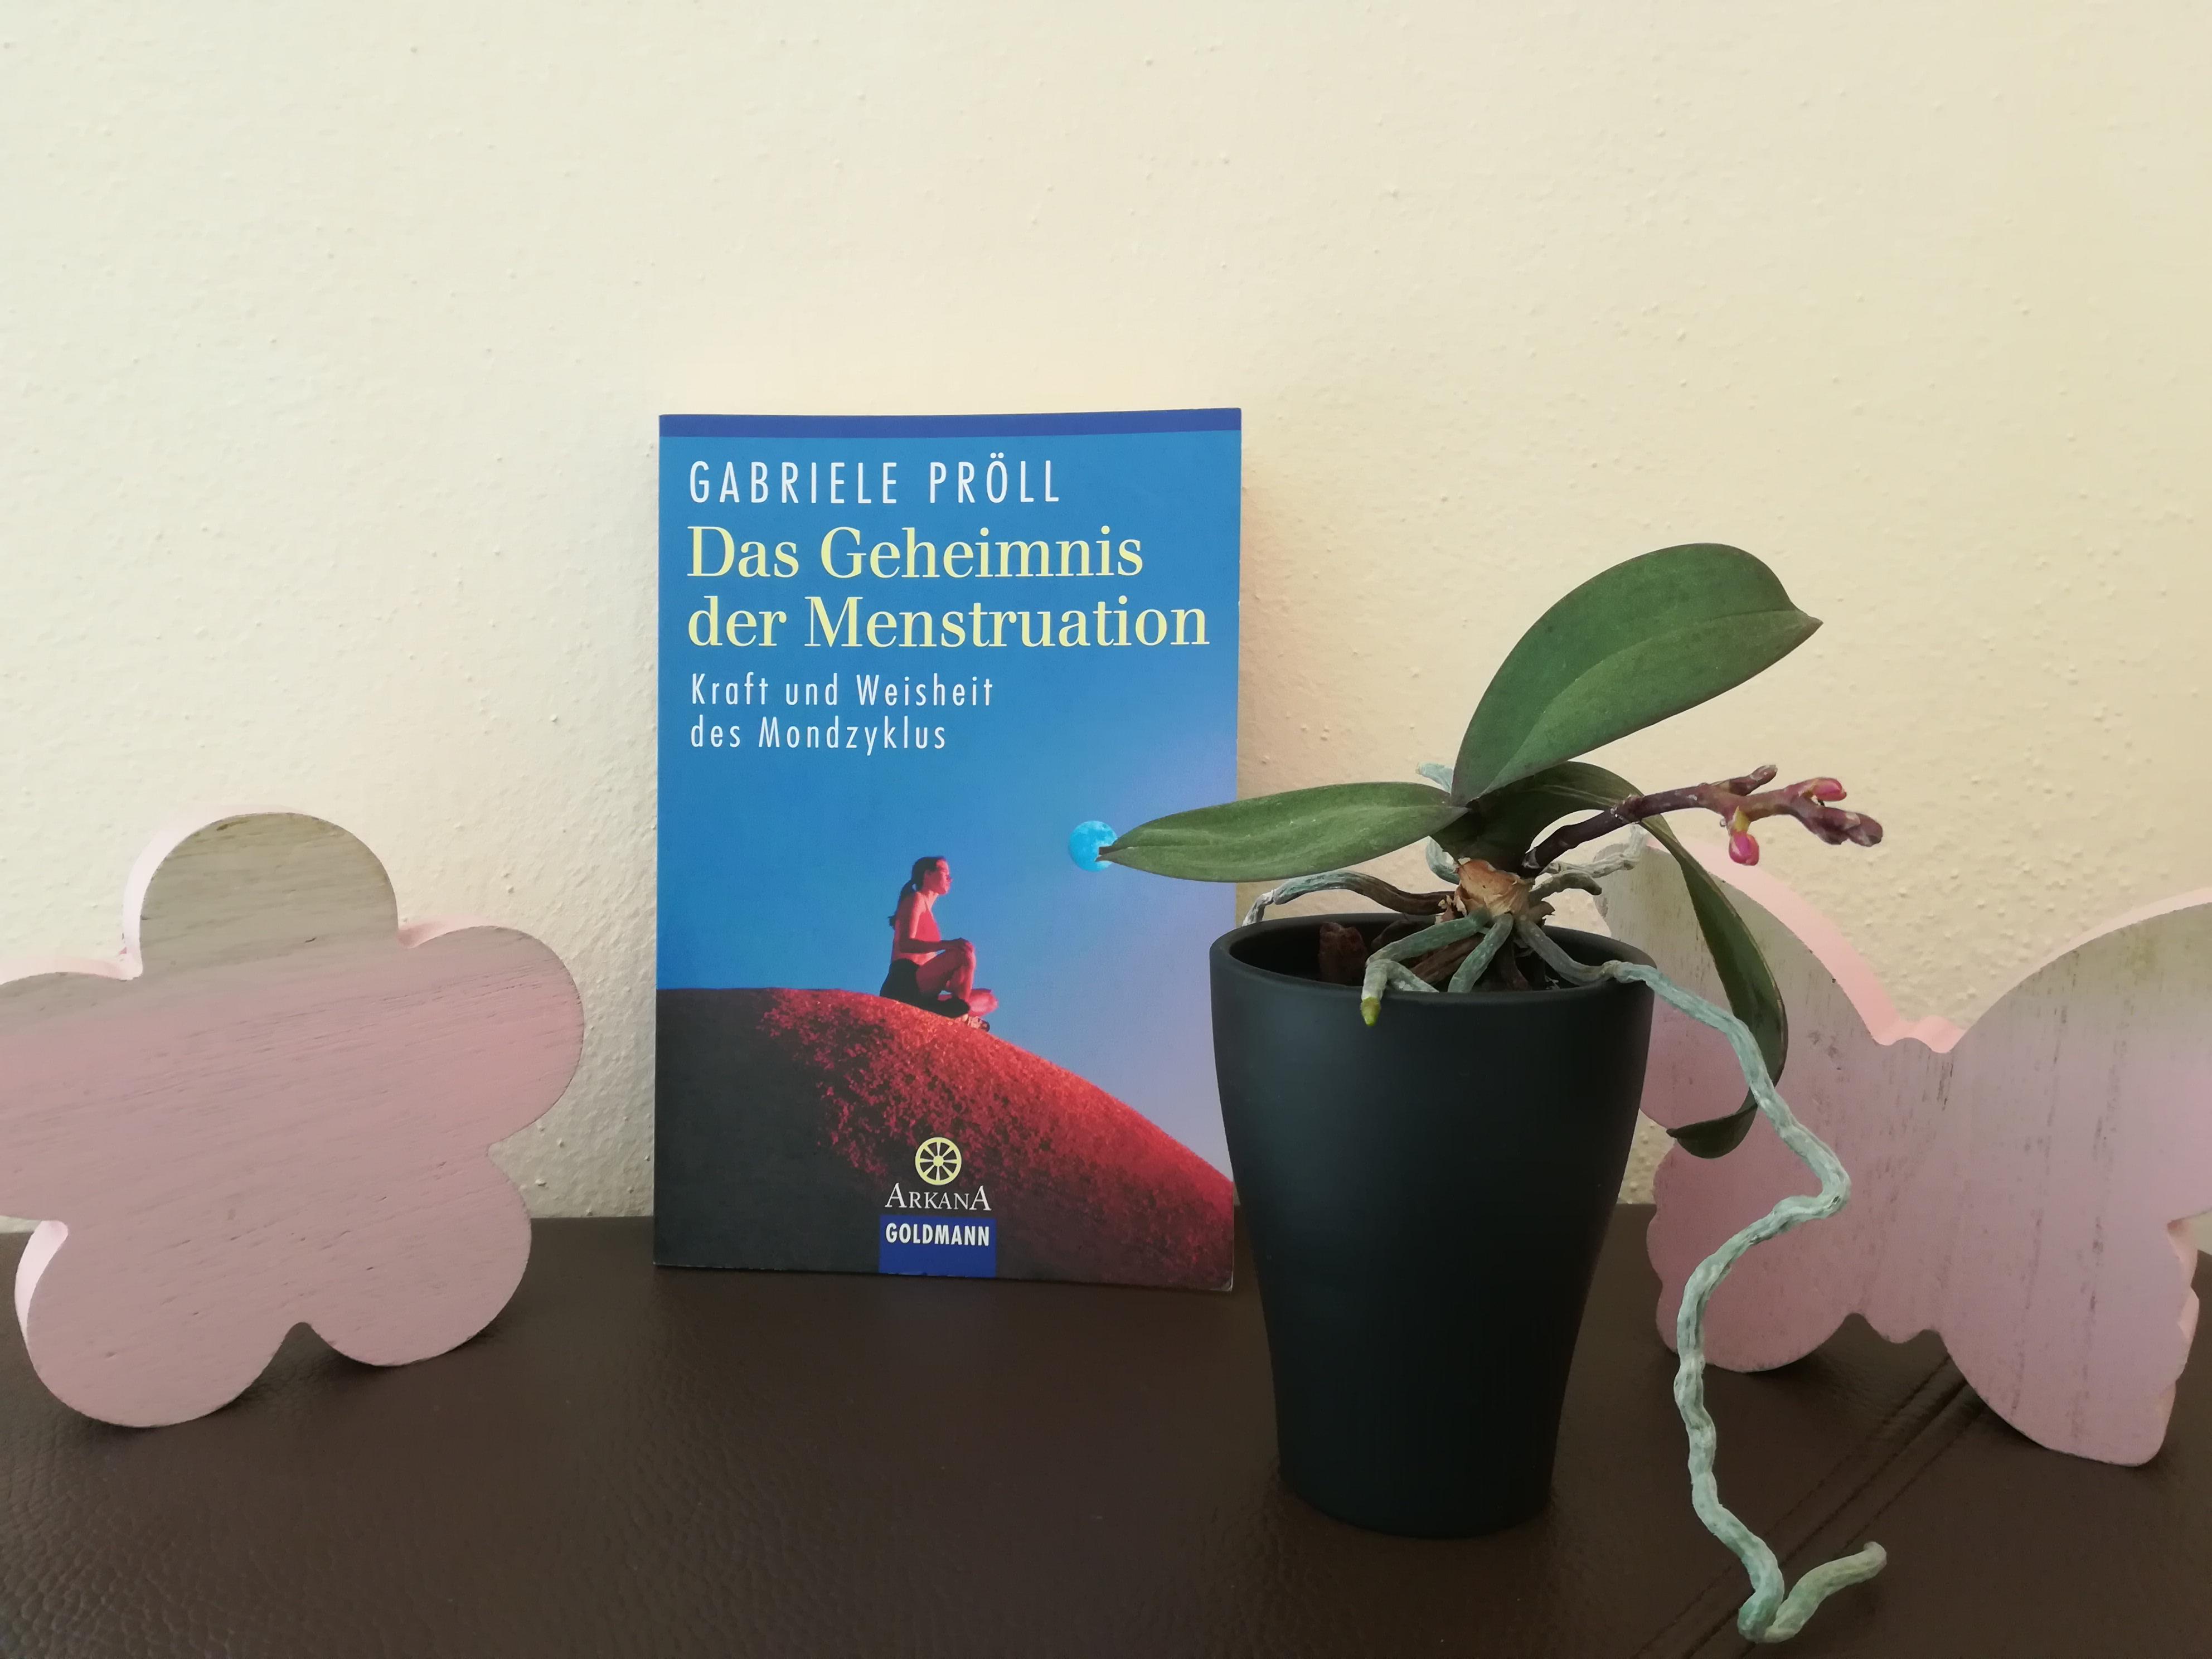 Das Geheimnis der Menstruation